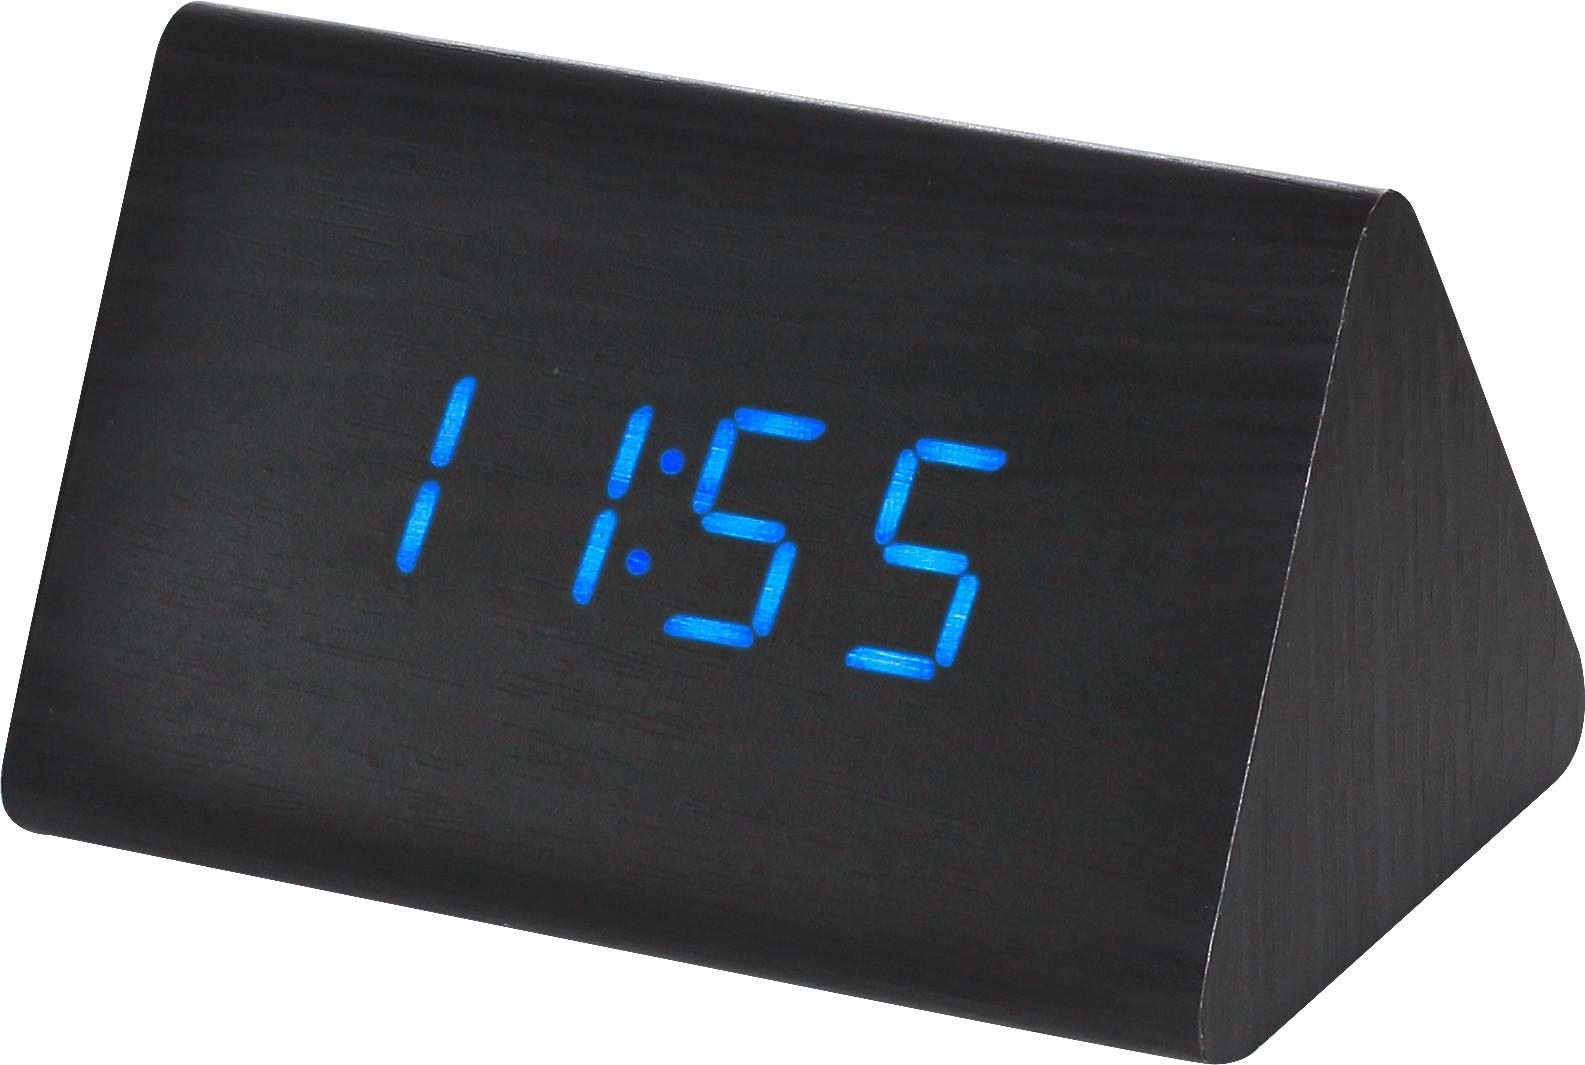 MPM Digitální budík s modrými LED diodami v dřevěném vzhledu MPM C02.3569 BLUE LED